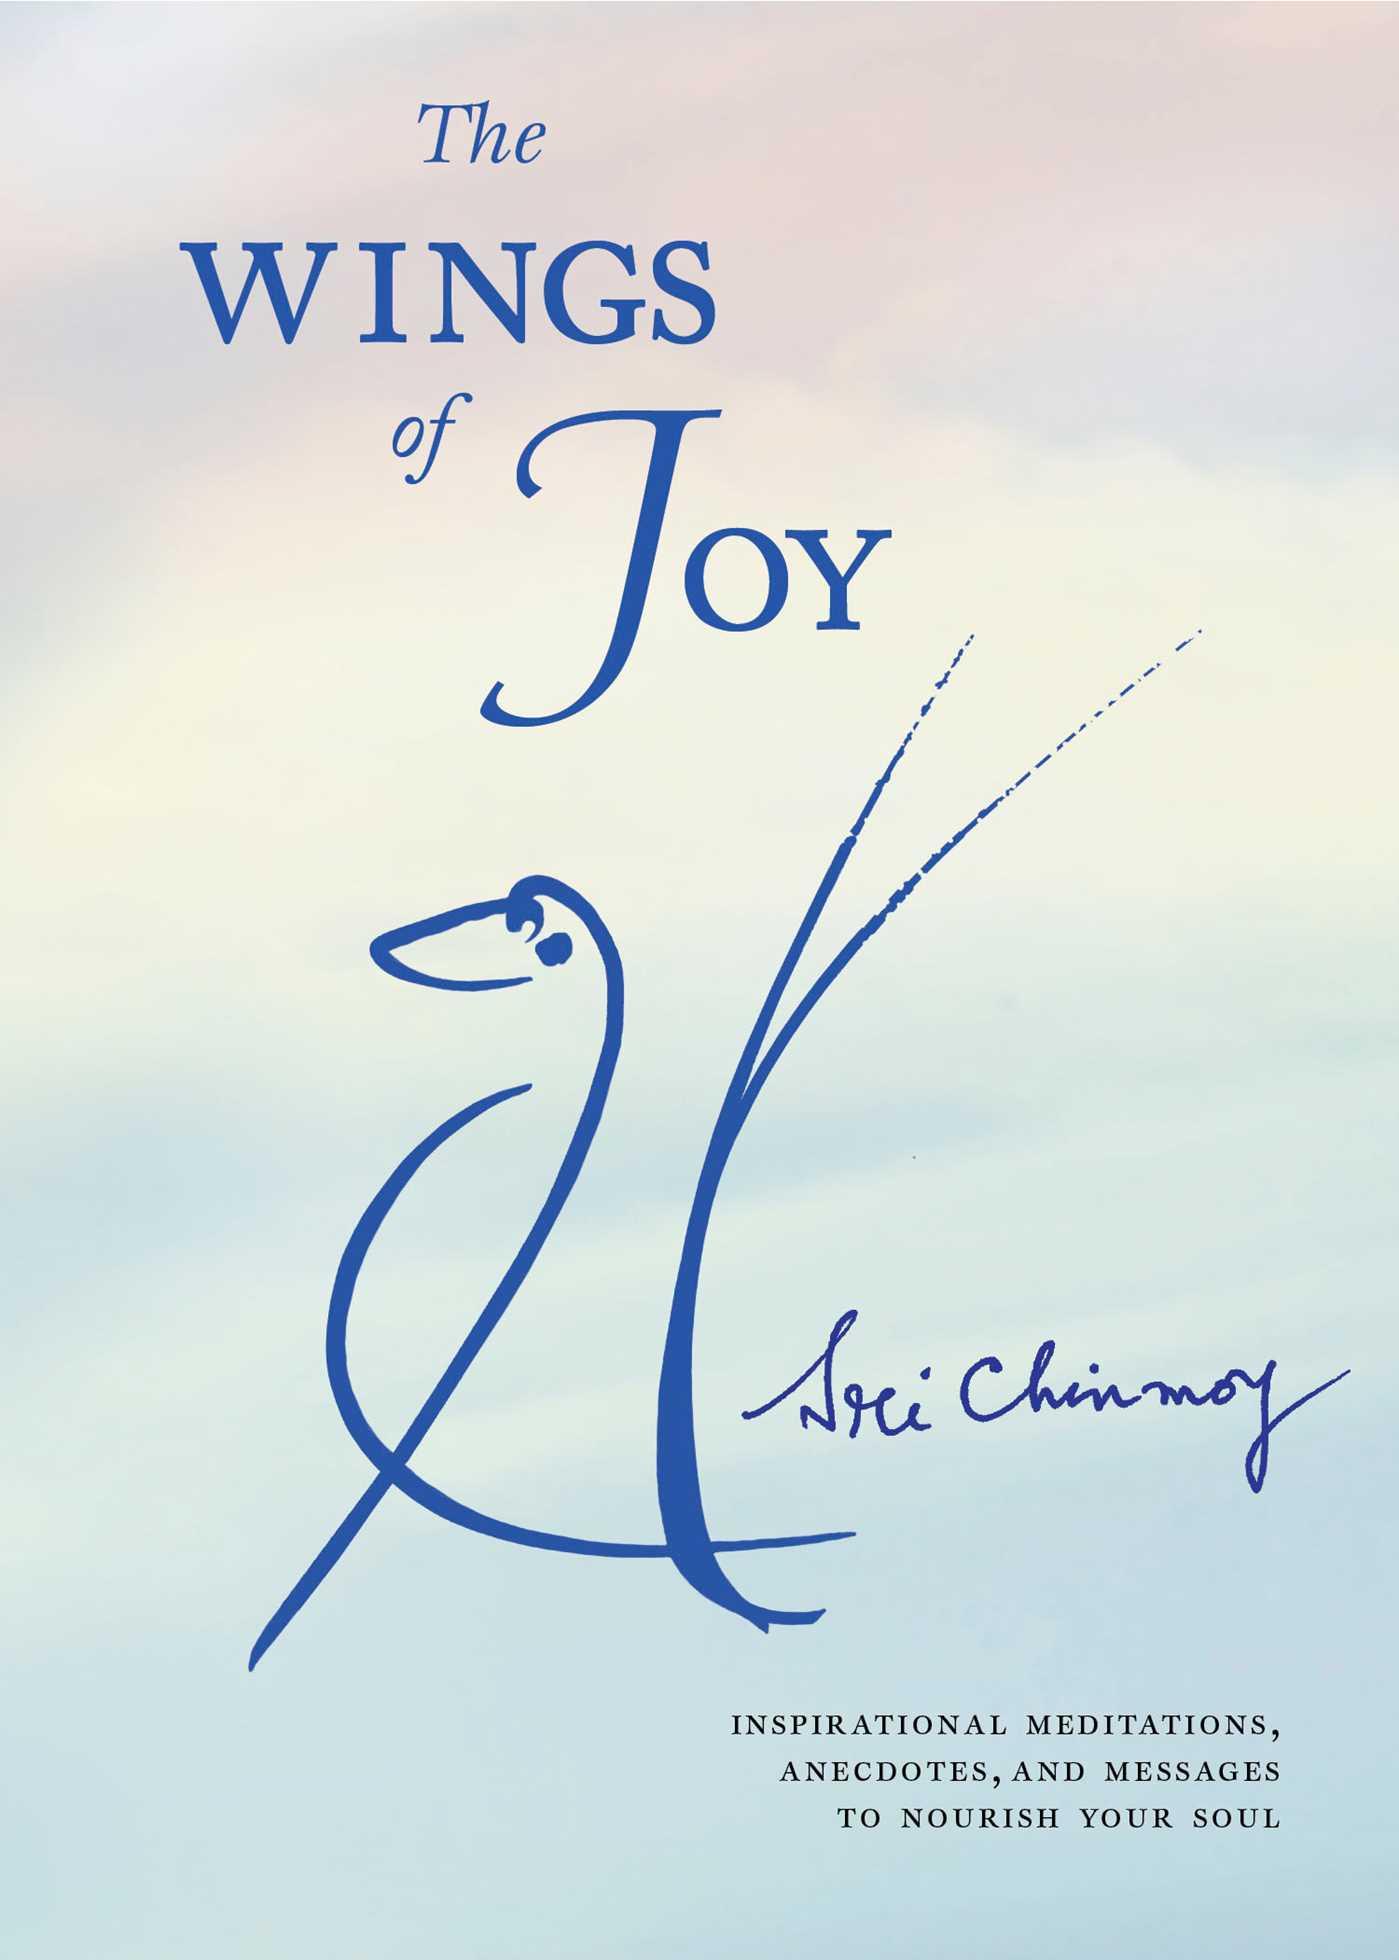 The wings of joy 9780684822426 hr